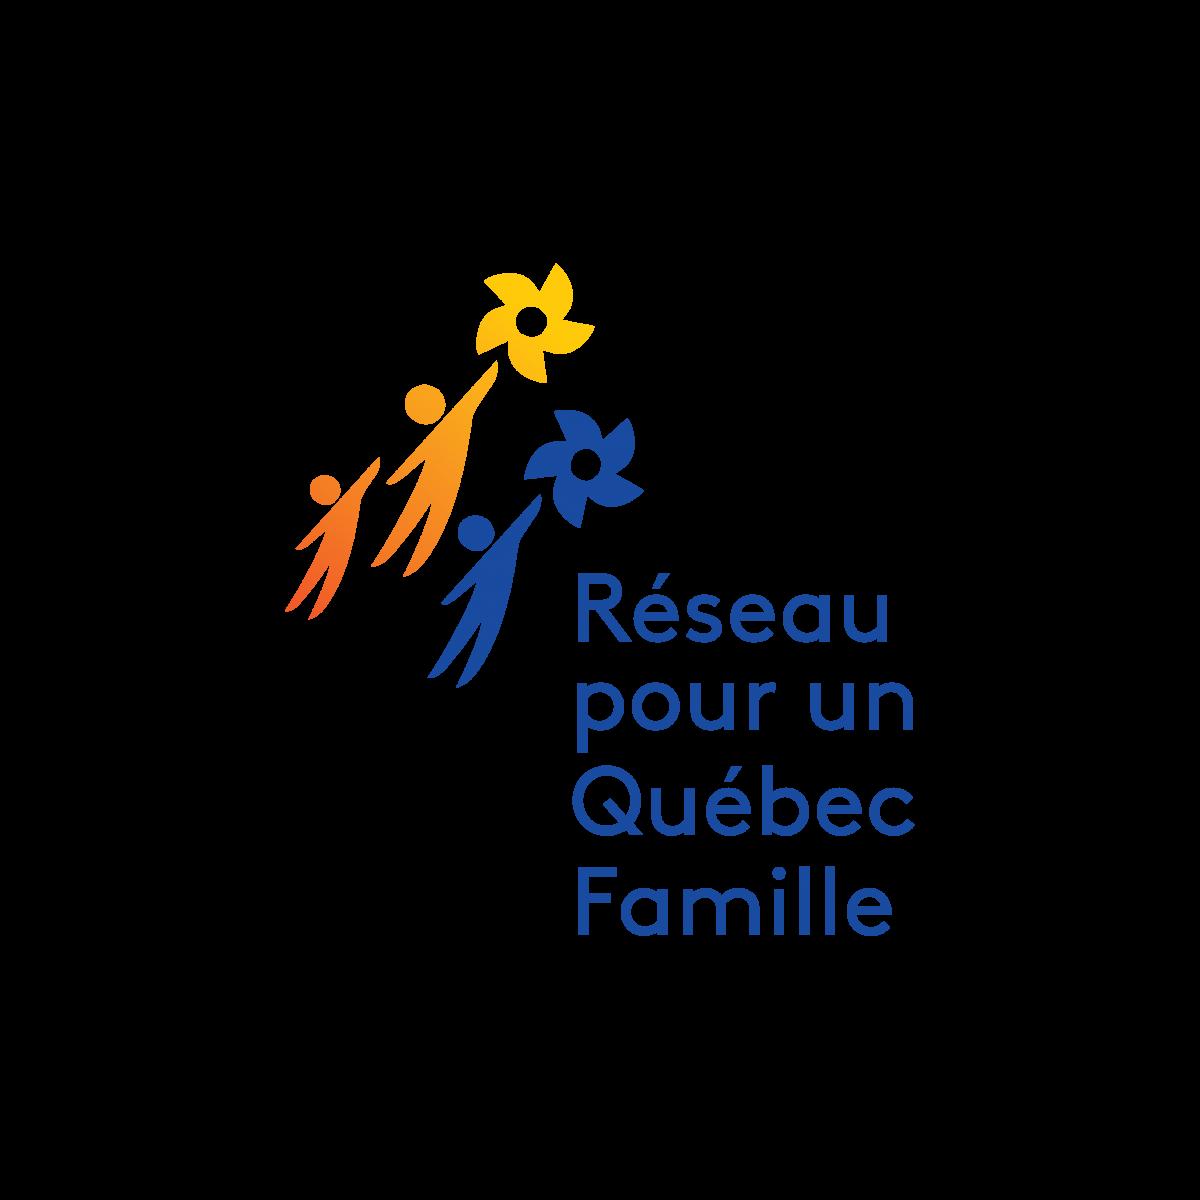 logo_réseau_pour_un_québec_famille